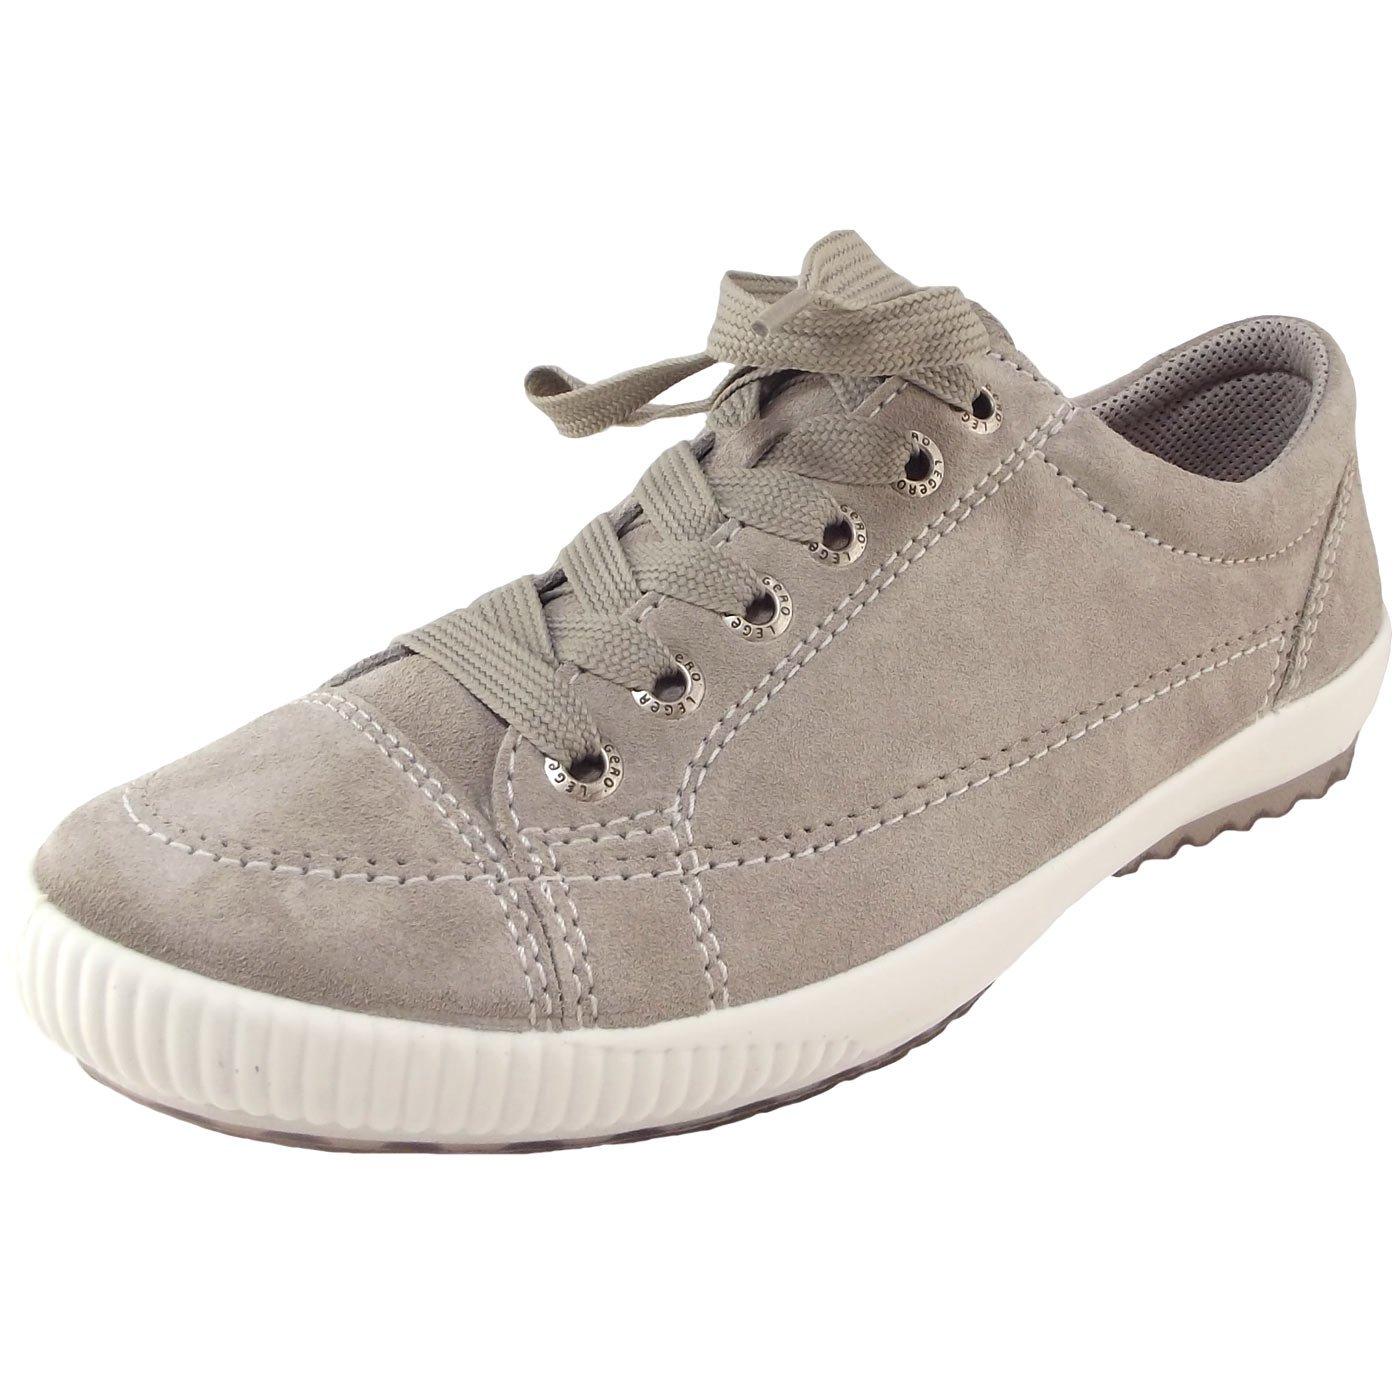 Superfit 2-00820-37 37, Chaussures lacets de ville 19958 à lacets pour 37, femme Beige 7395828 - shopssong.space